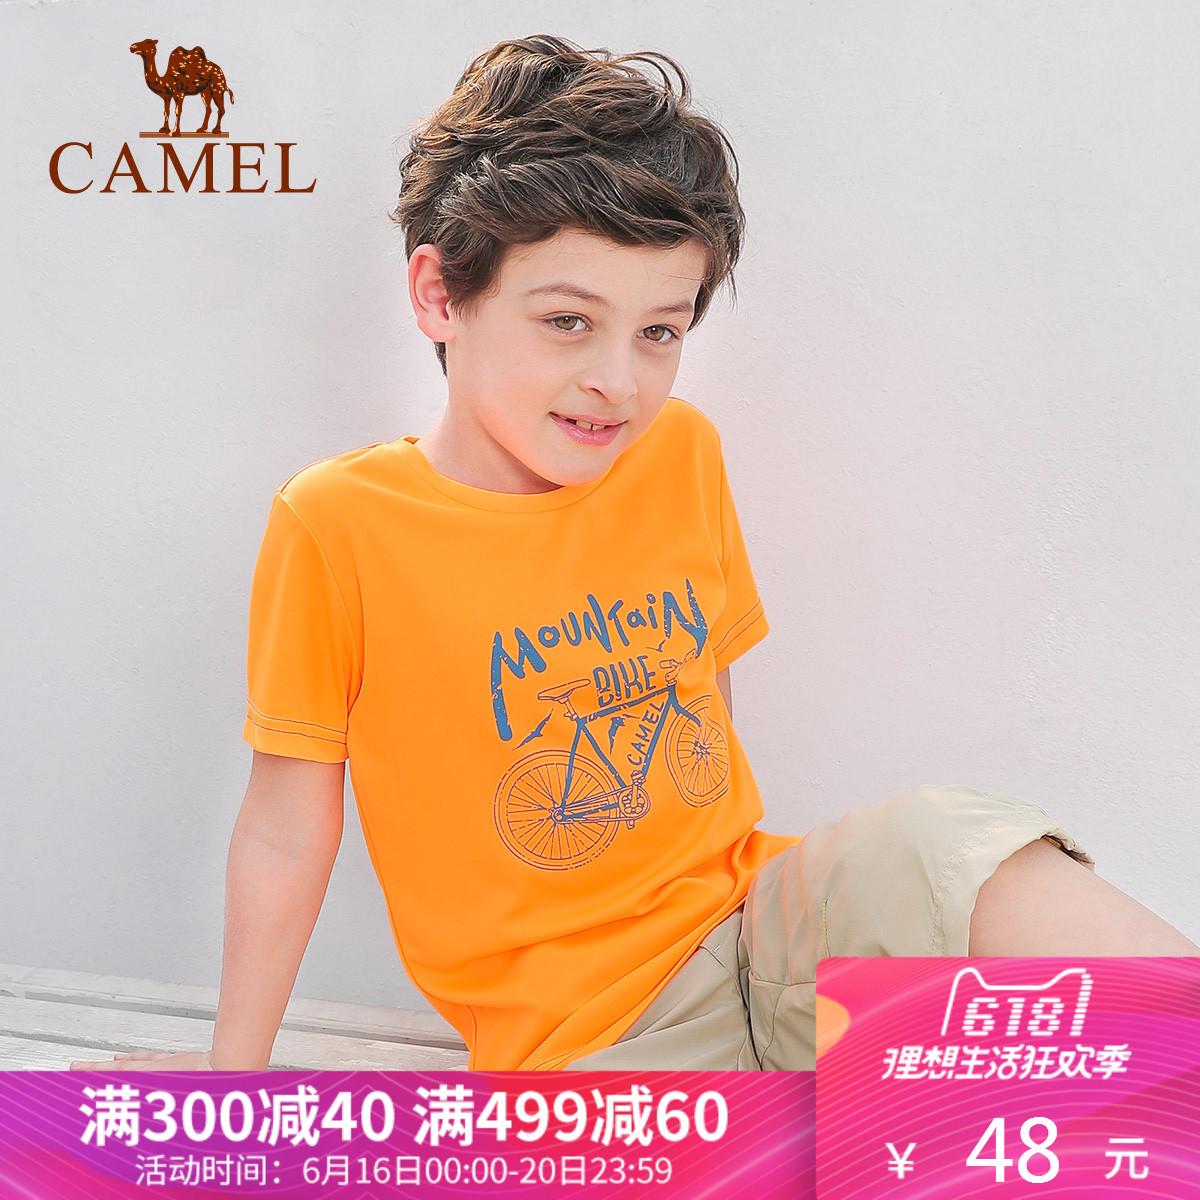 CAMEL 骆驼童装男童女童圆领T恤 中大儿童透气短袖户外休闲运动服